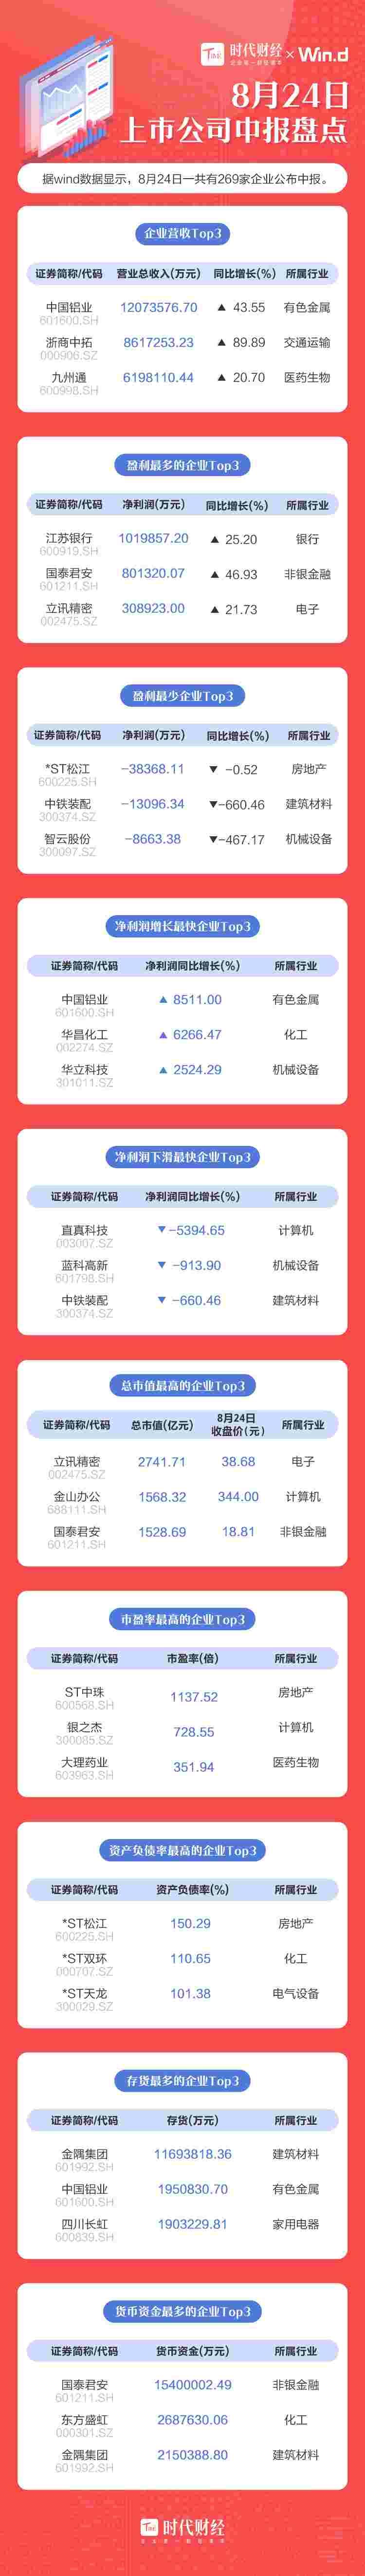 「A股中报·8月24日」中国铝业上半年利好,净利润暴增85倍